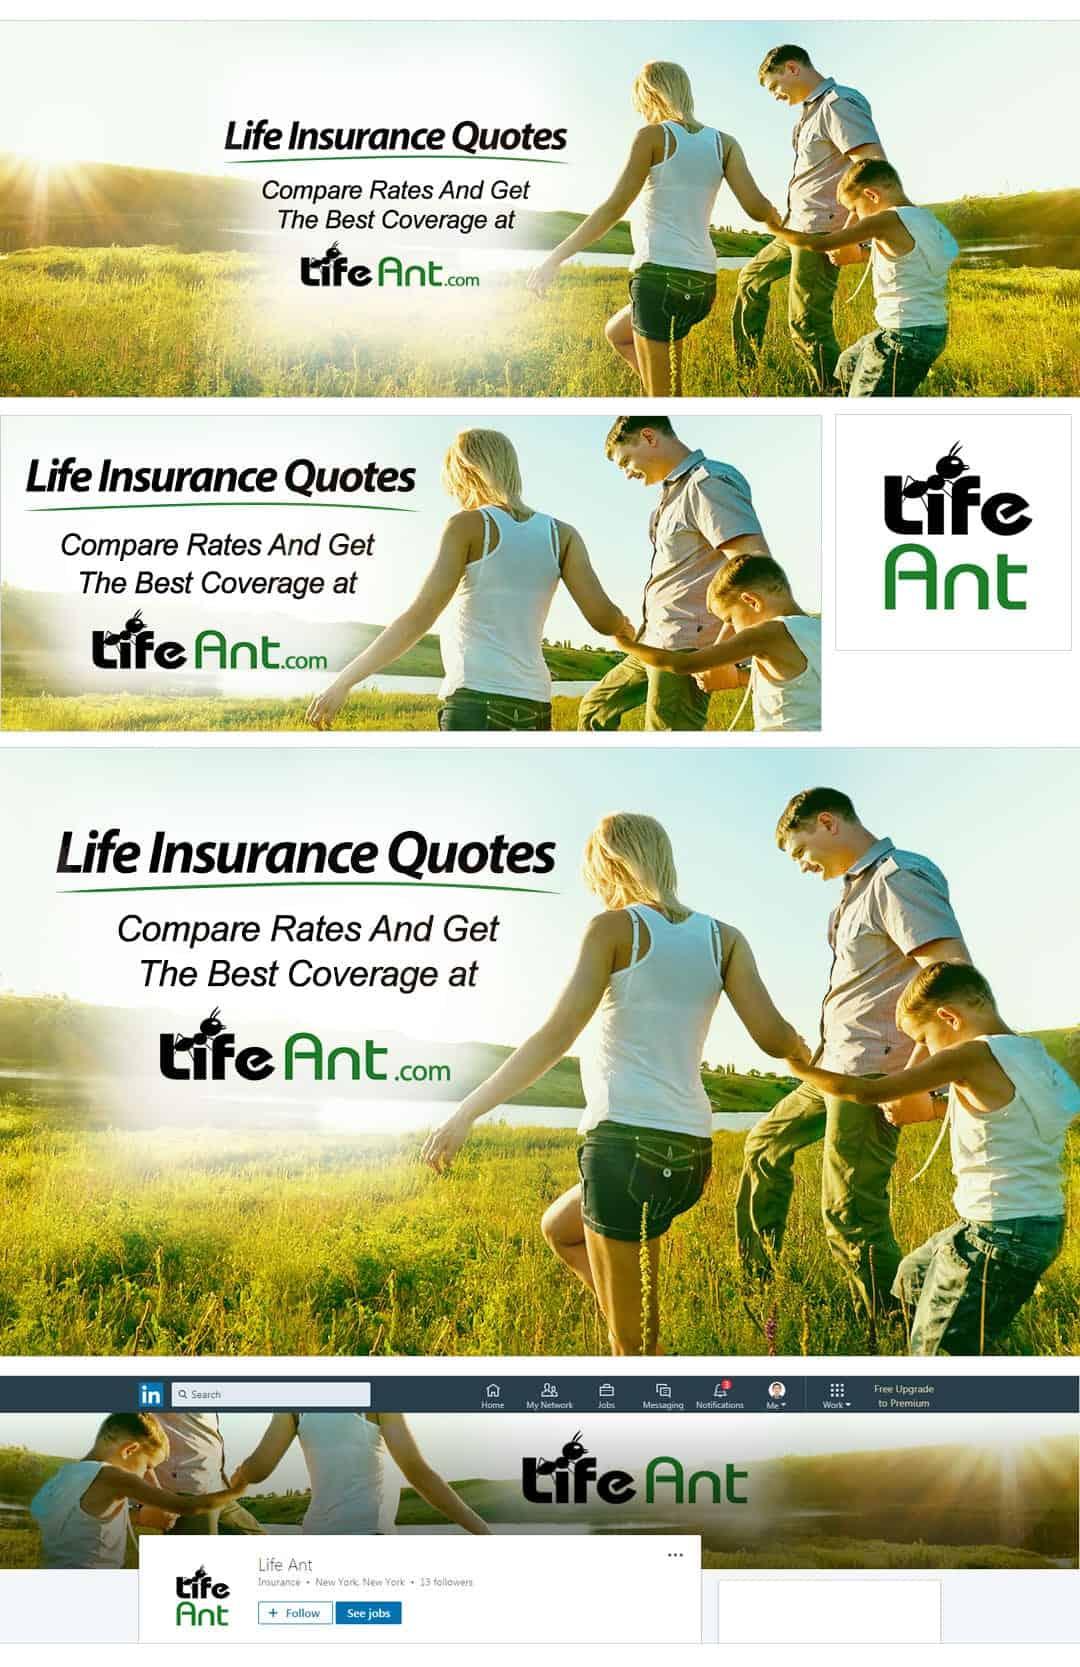 חבילת מדיה חברתית לדוגמא לביטוח חיים